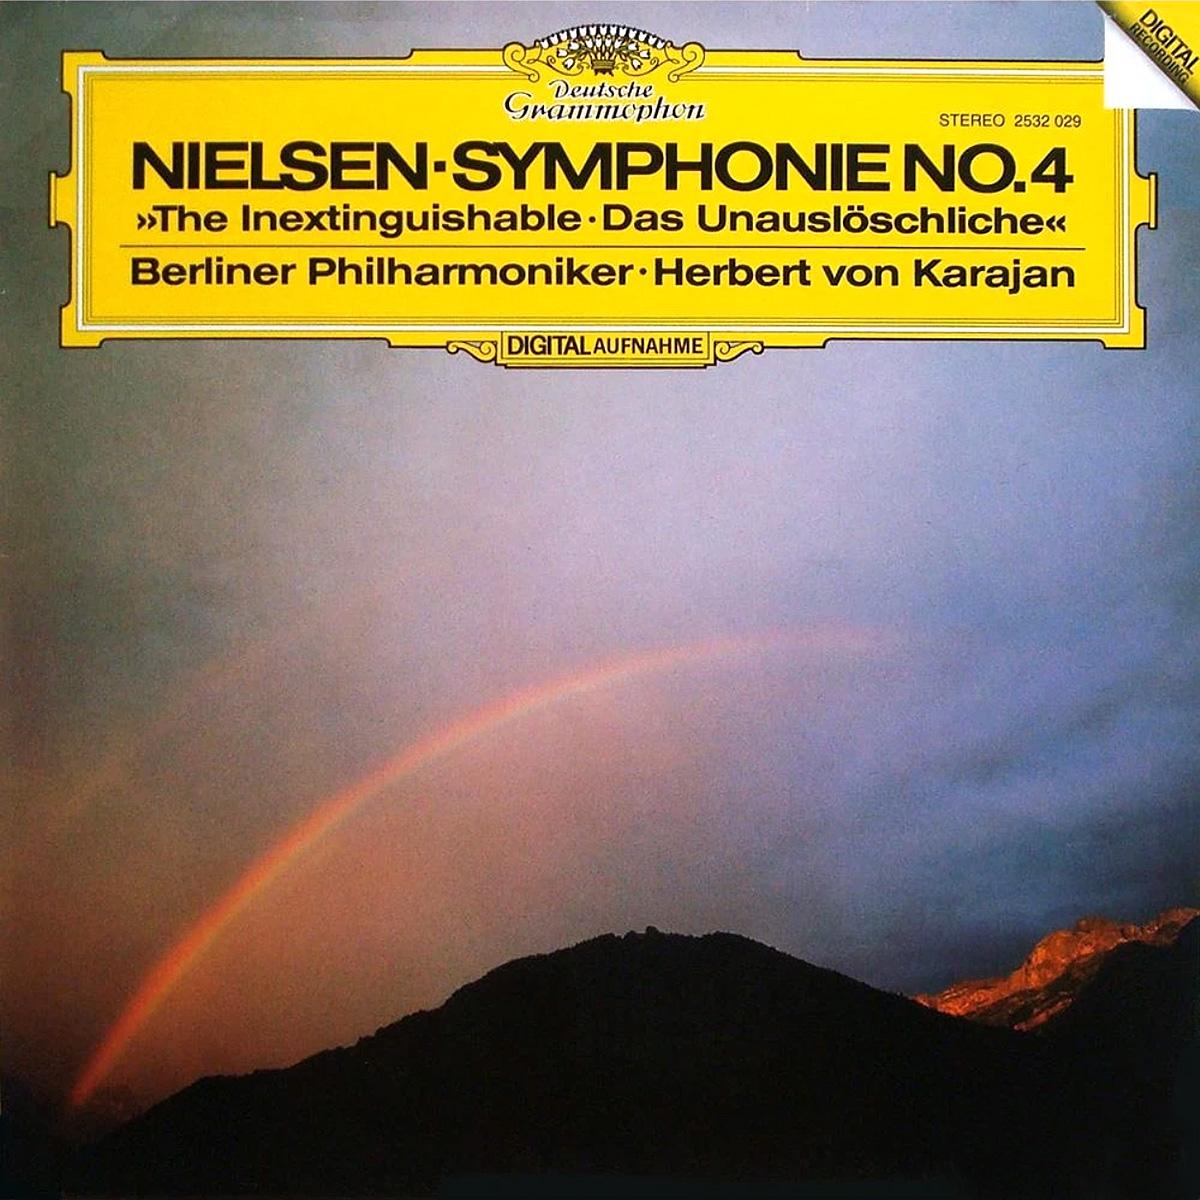 DGG 2532029 Nielsen Symphonie 4 Karajan